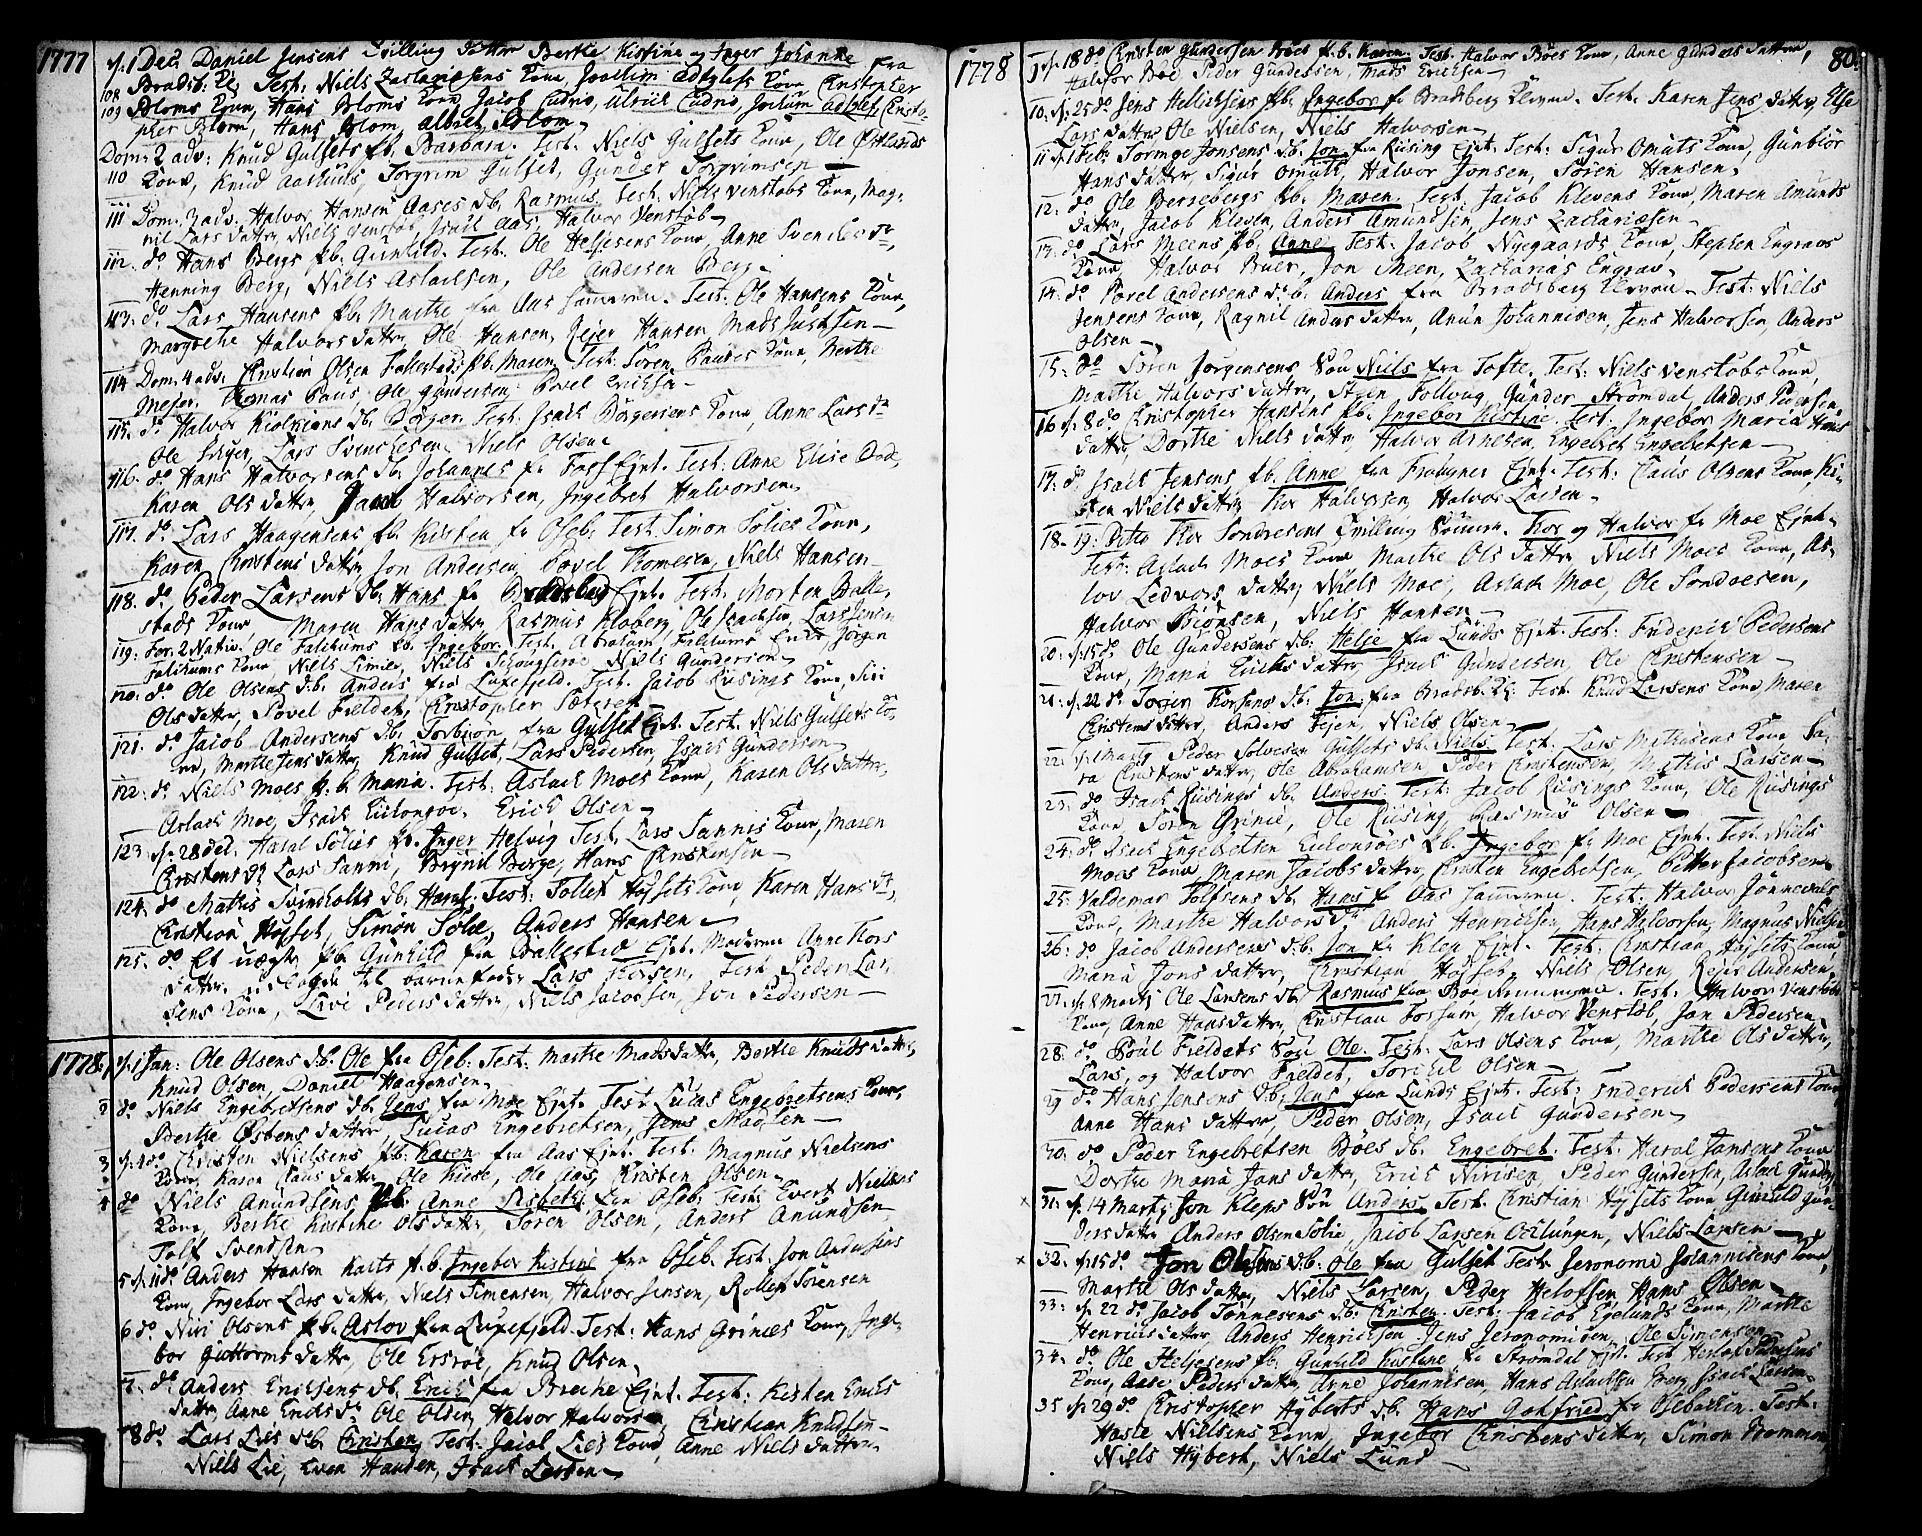 SAKO, Gjerpen kirkebøker, F/Fa/L0002: Ministerialbok nr. 2, 1747-1795, s. 80